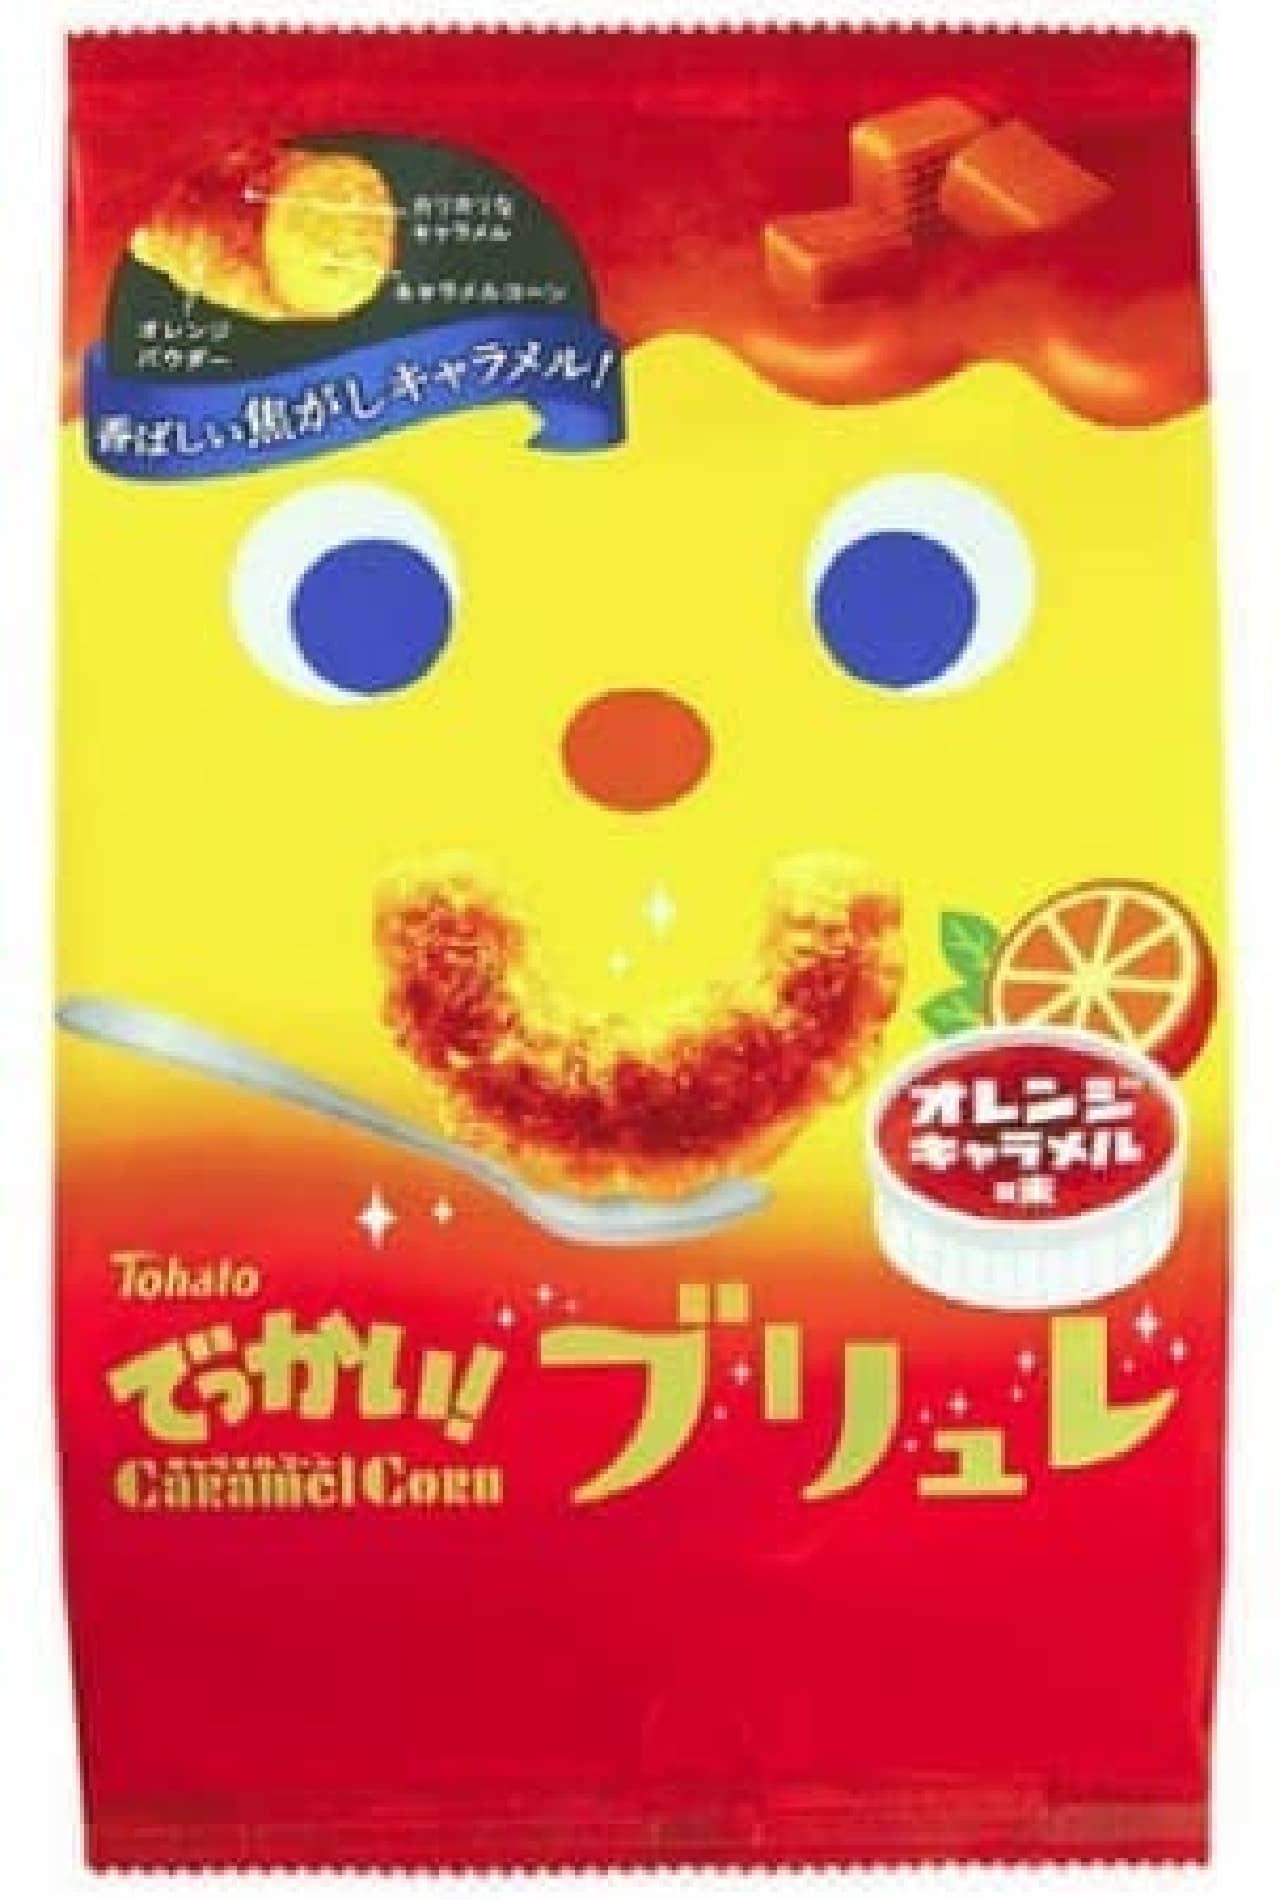 オレンジキャラメルの濃厚な味わい!